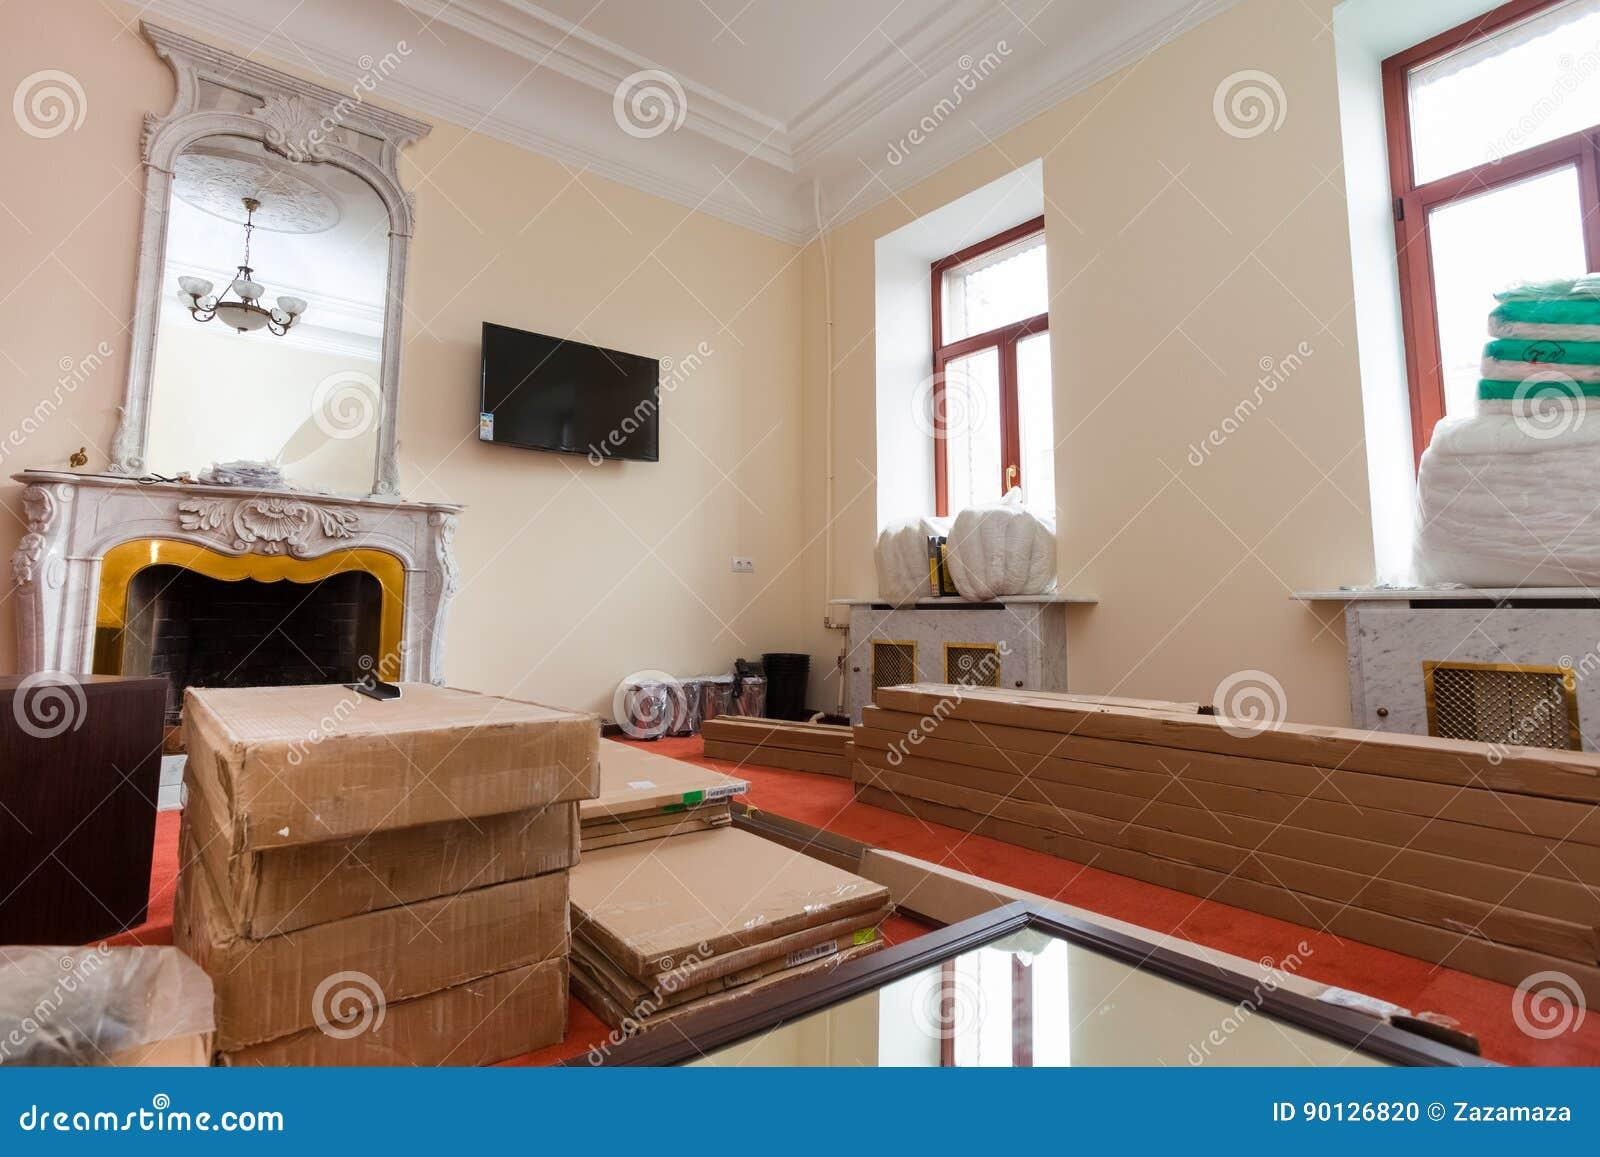 Baumaterialien Mobel Fernsehen Und Telefon Sind Auf Dem Boden In